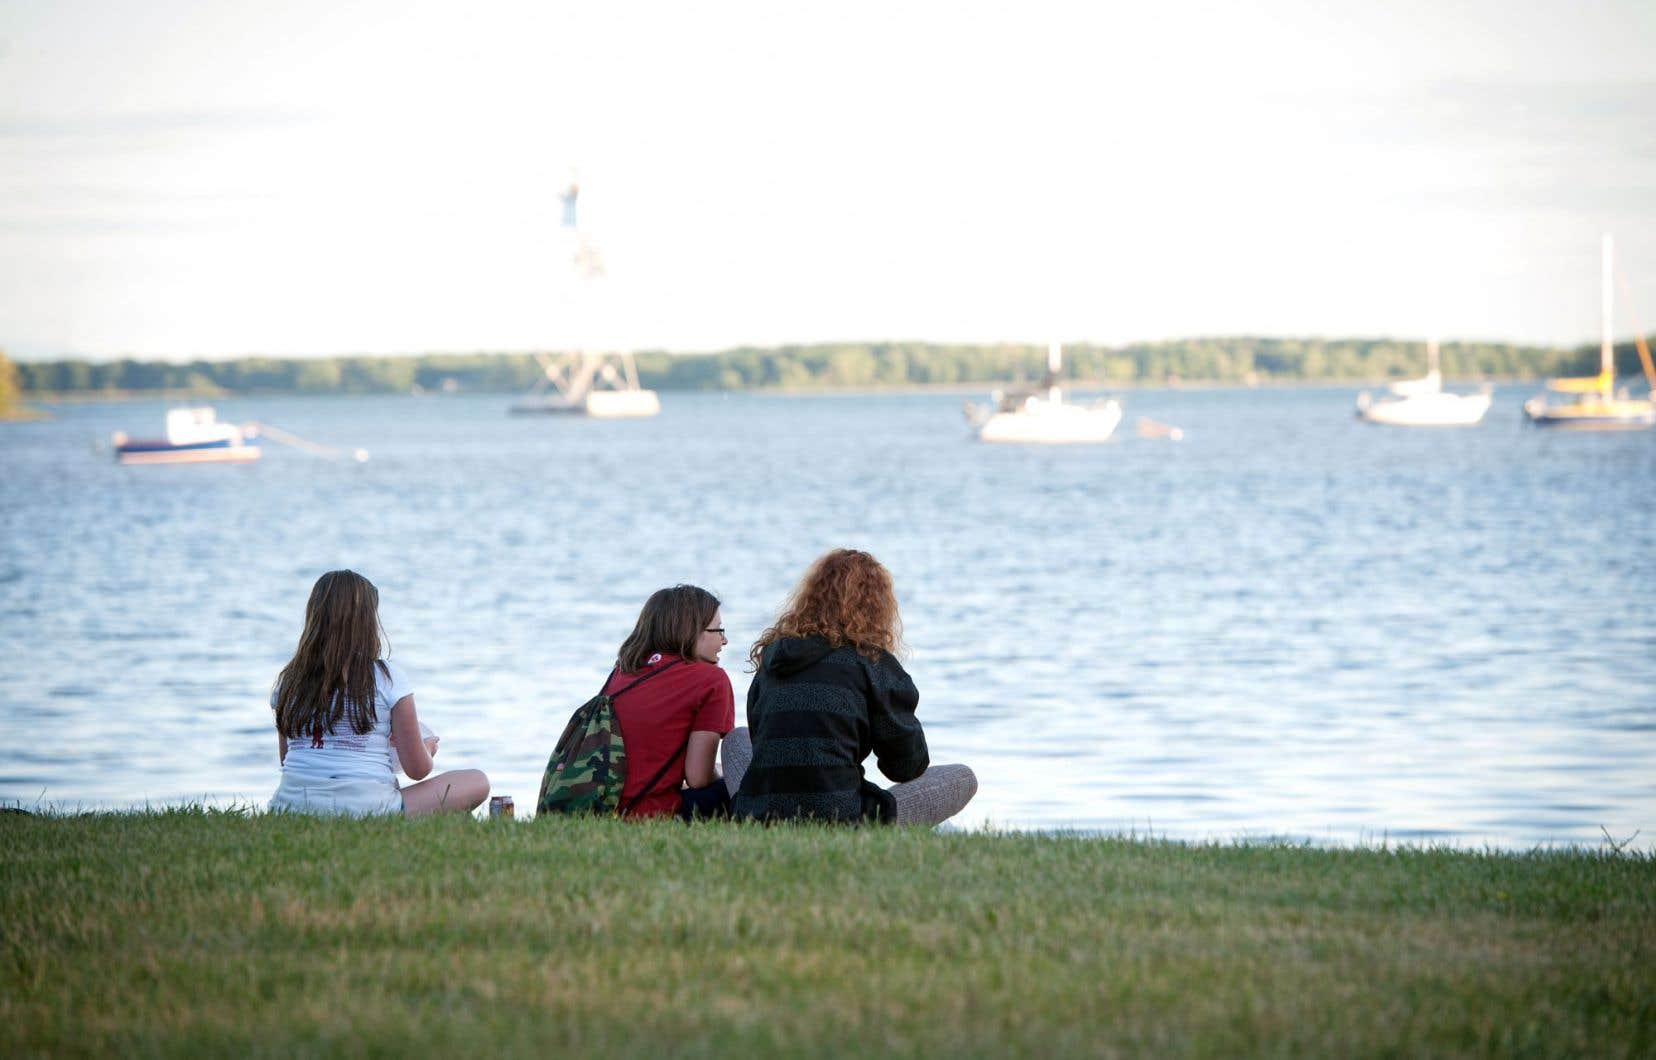 Une portion de Dorval donne sur le lac Saint-Louis et plusieurs activités culturelles se tiennent dans les parcs riverains pendant la belle saison.